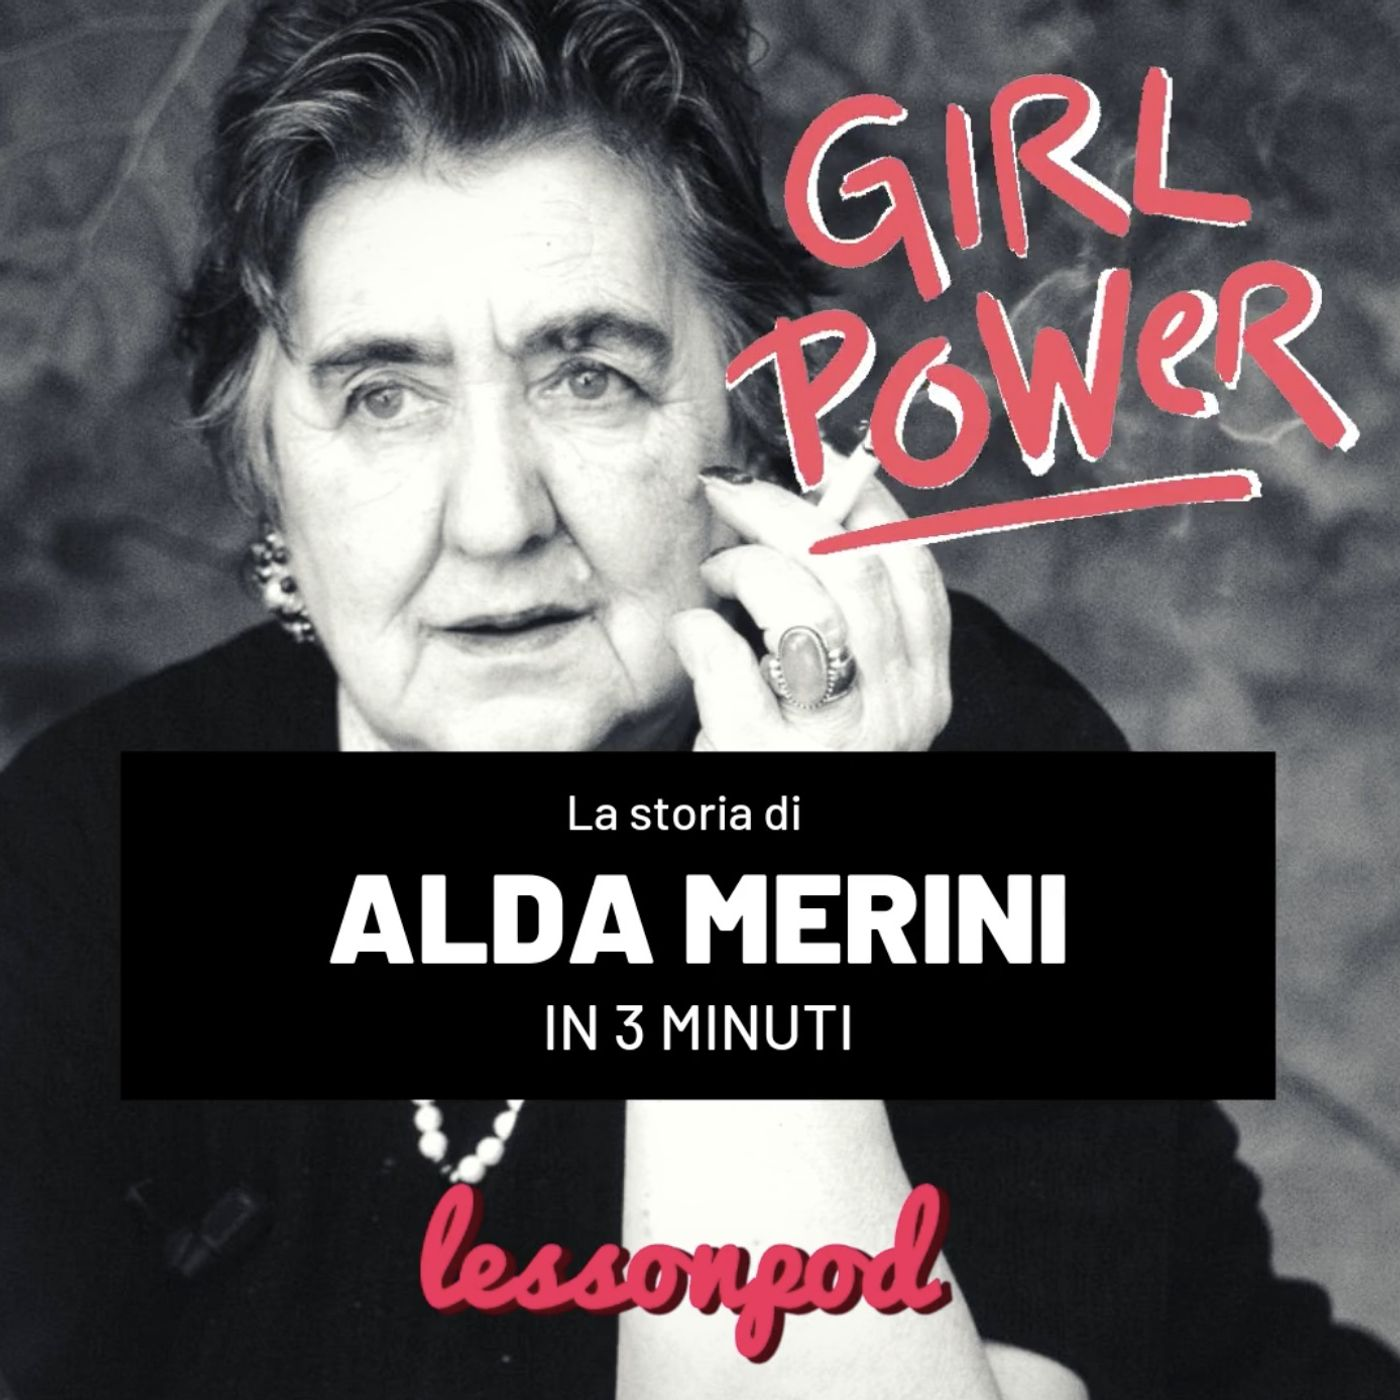 La vita di Alda Merini in 3 minuti